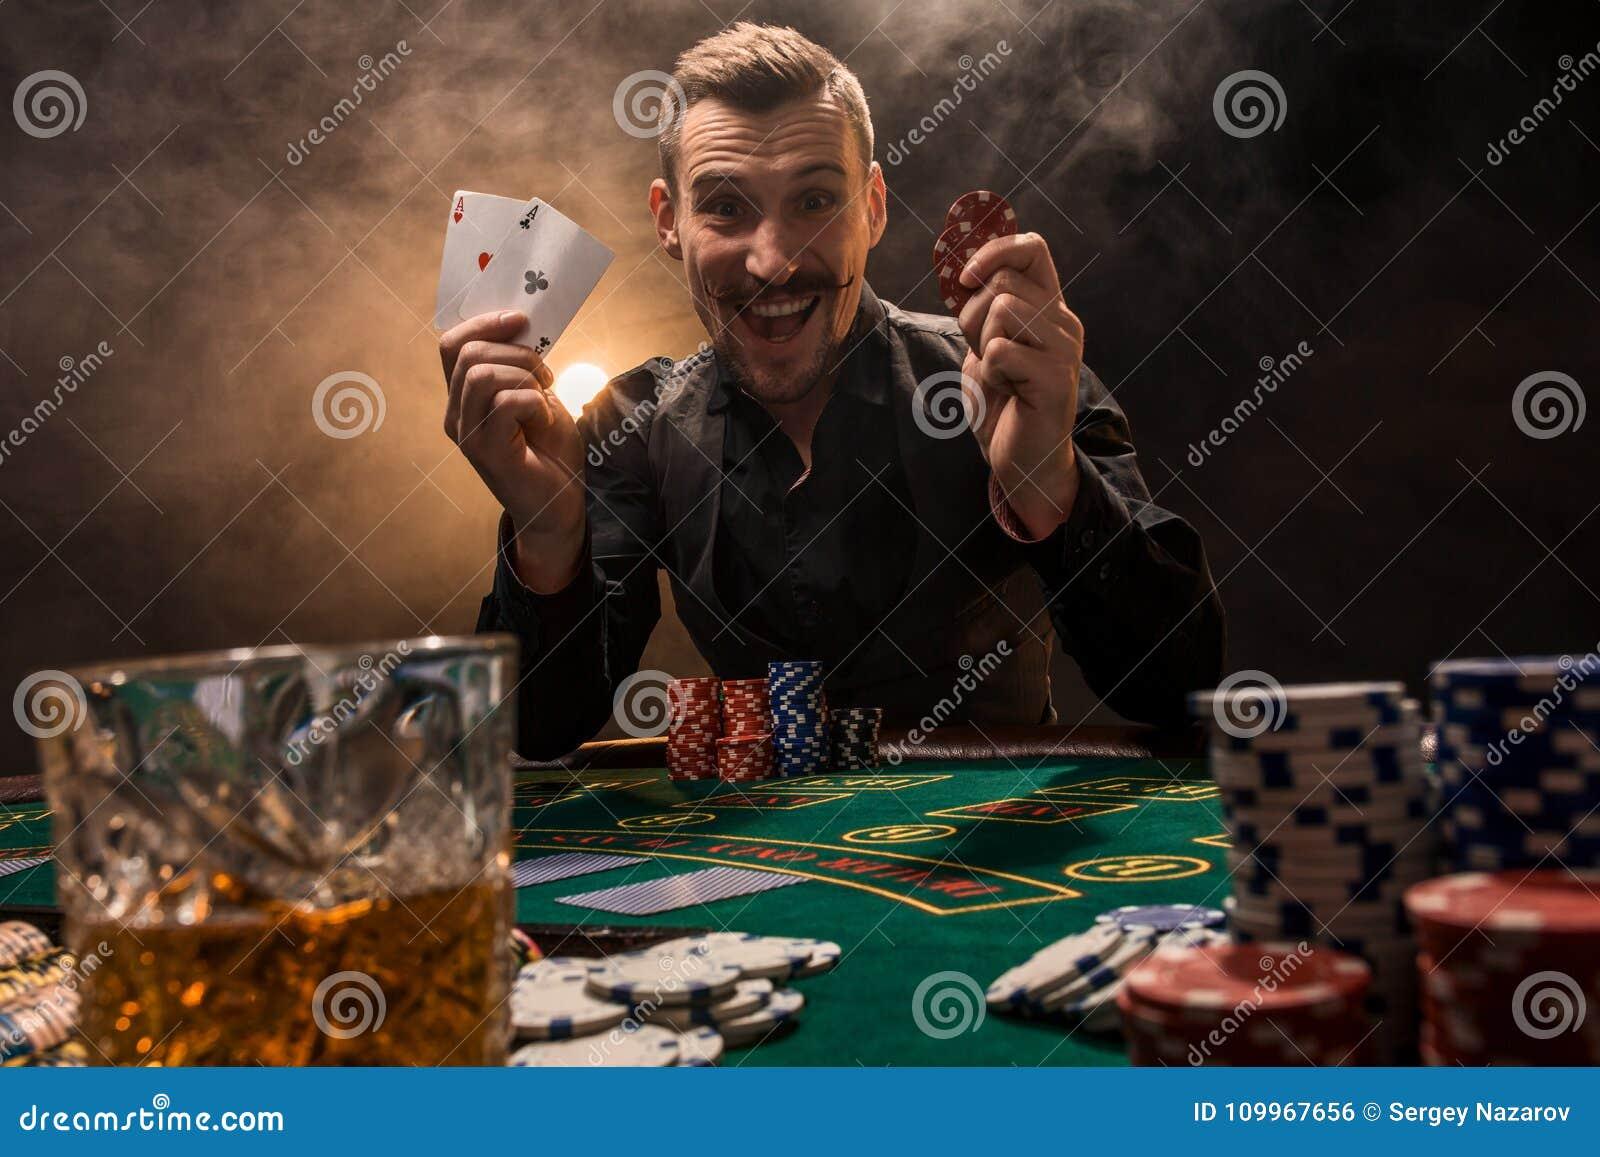 有两一点的英俊的打牌者在他的充分坐在啤牌桌上的手和芯片上在一个暗室香烟烟